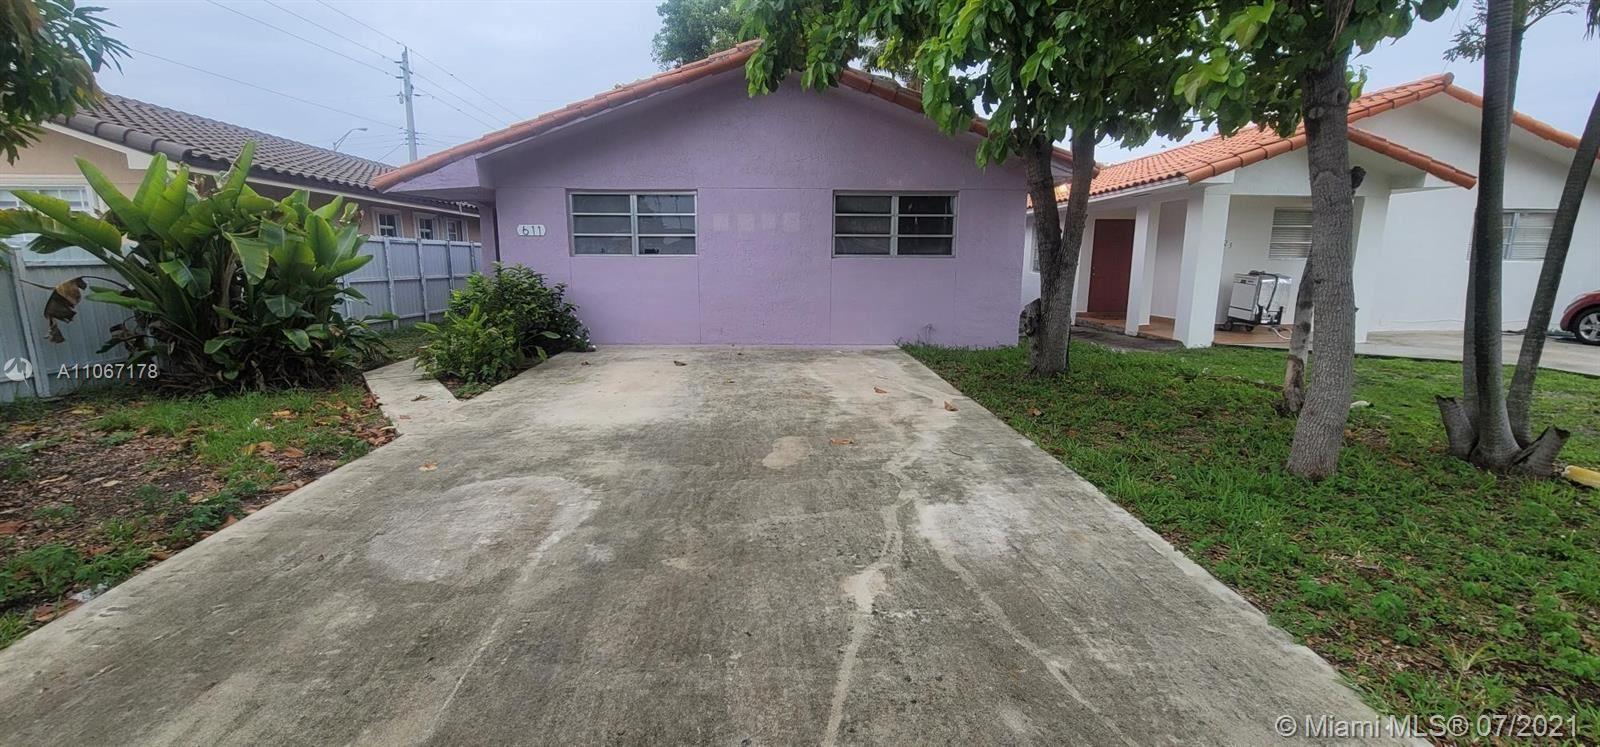 611 E 36th St, Hialeah, FL 33013 - #: A11067178